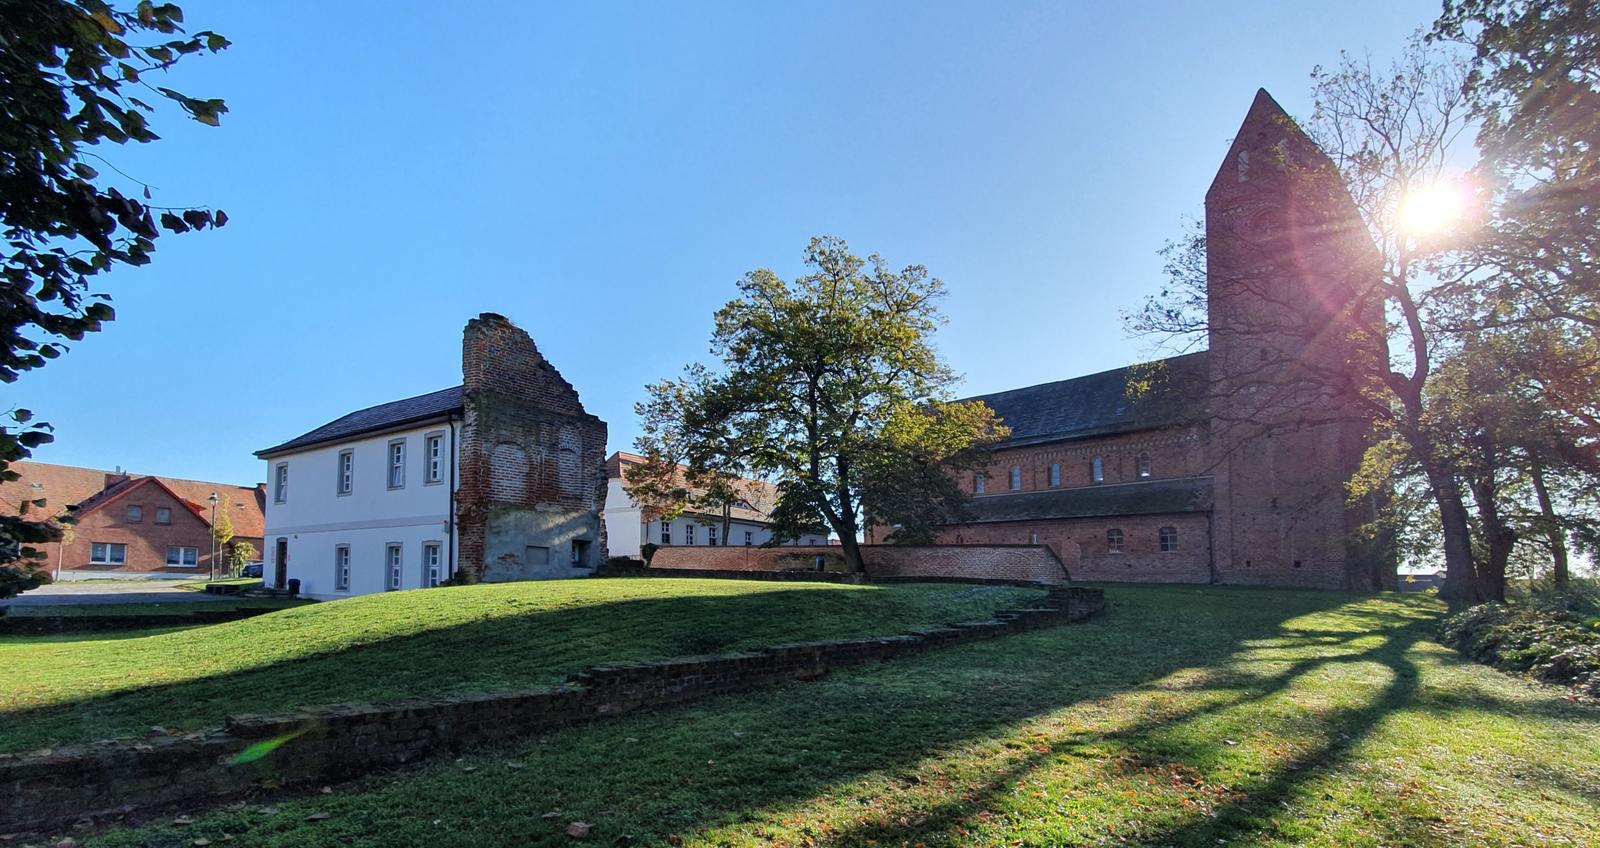 Das Dorf Schönhausen in der Altmark - Überrest des Schlosses der Familie Bismarck und Bismarcks Taufkirche